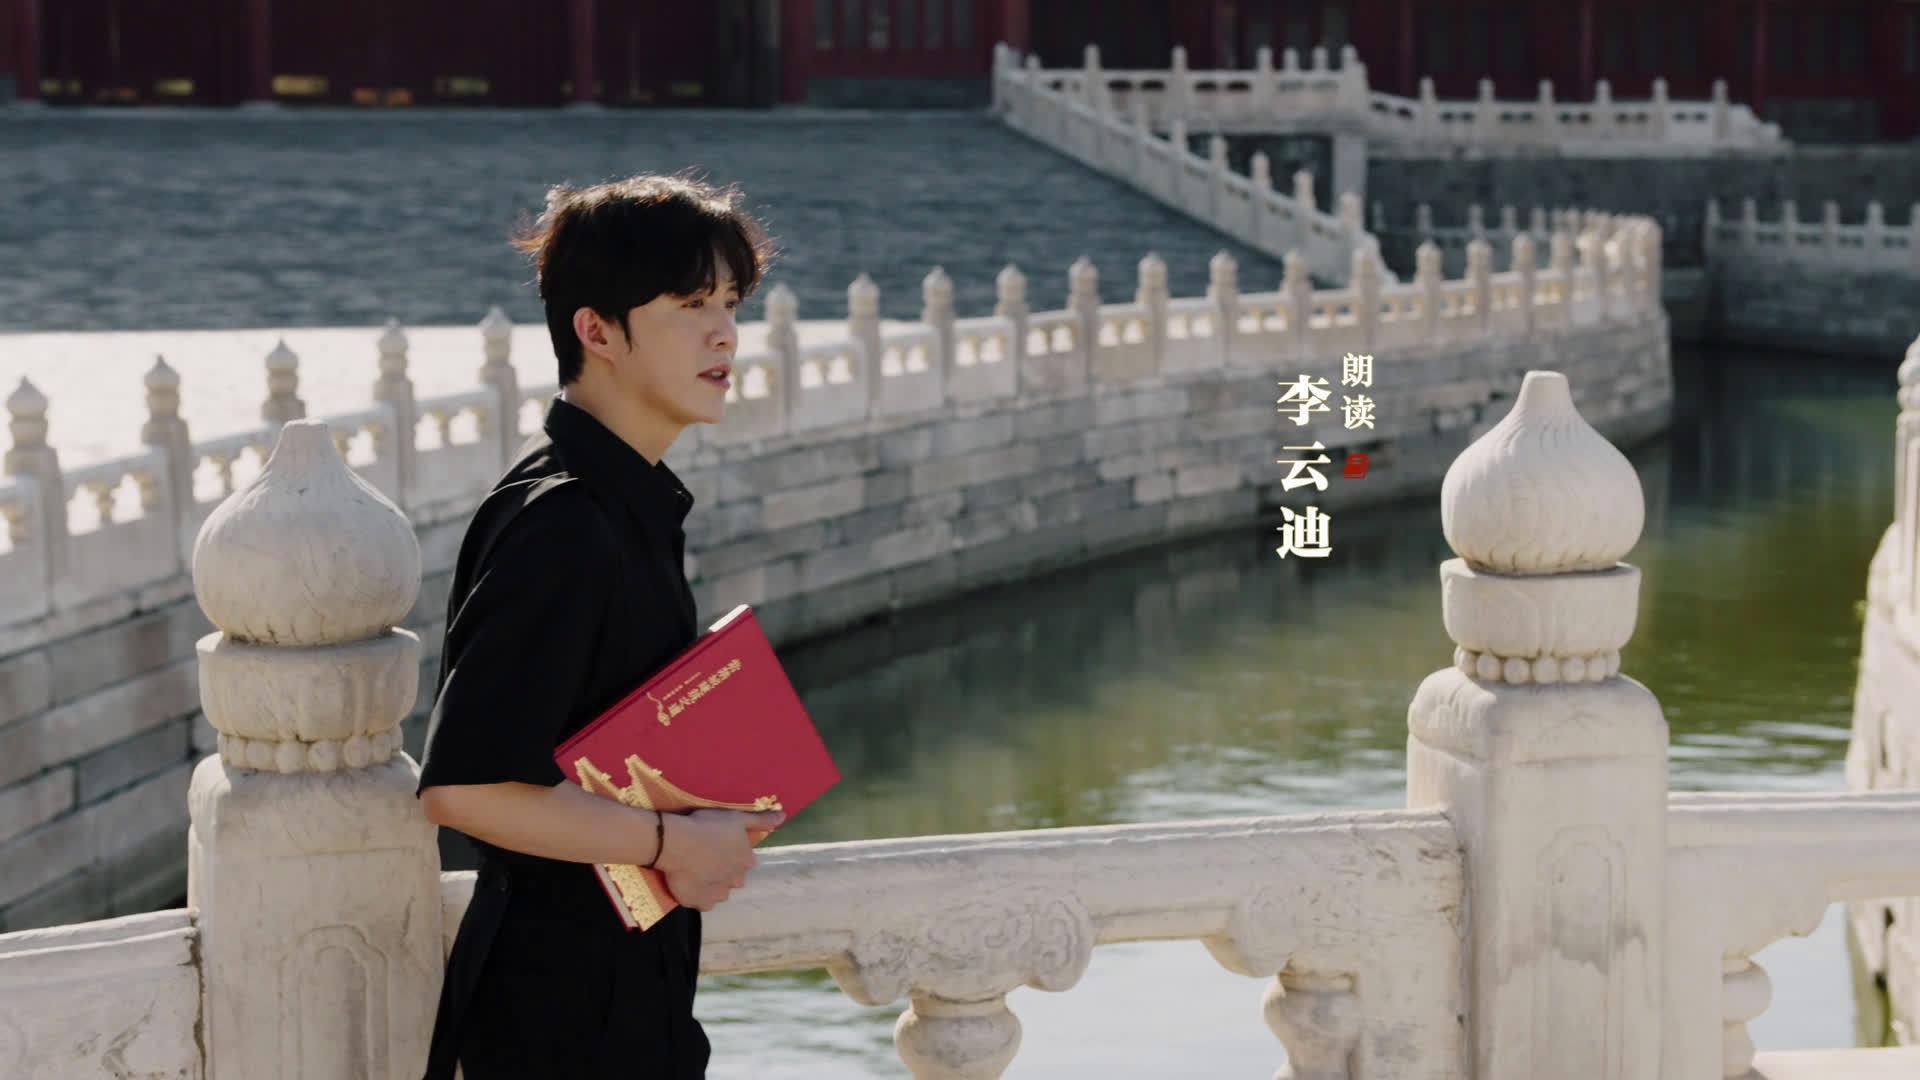 读懂紫禁城,李云迪带你领略音乐视角下的紫禁城